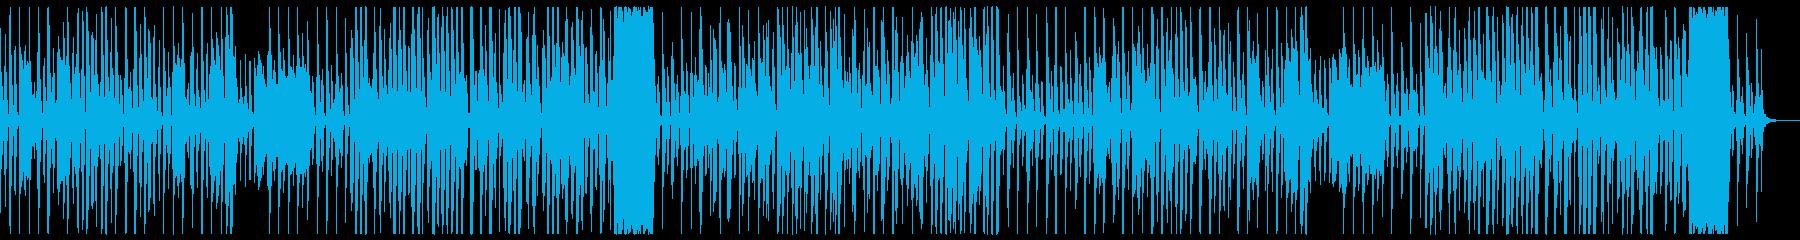 かわいく怪しげな雰囲気のギャグ系茶番曲の再生済みの波形